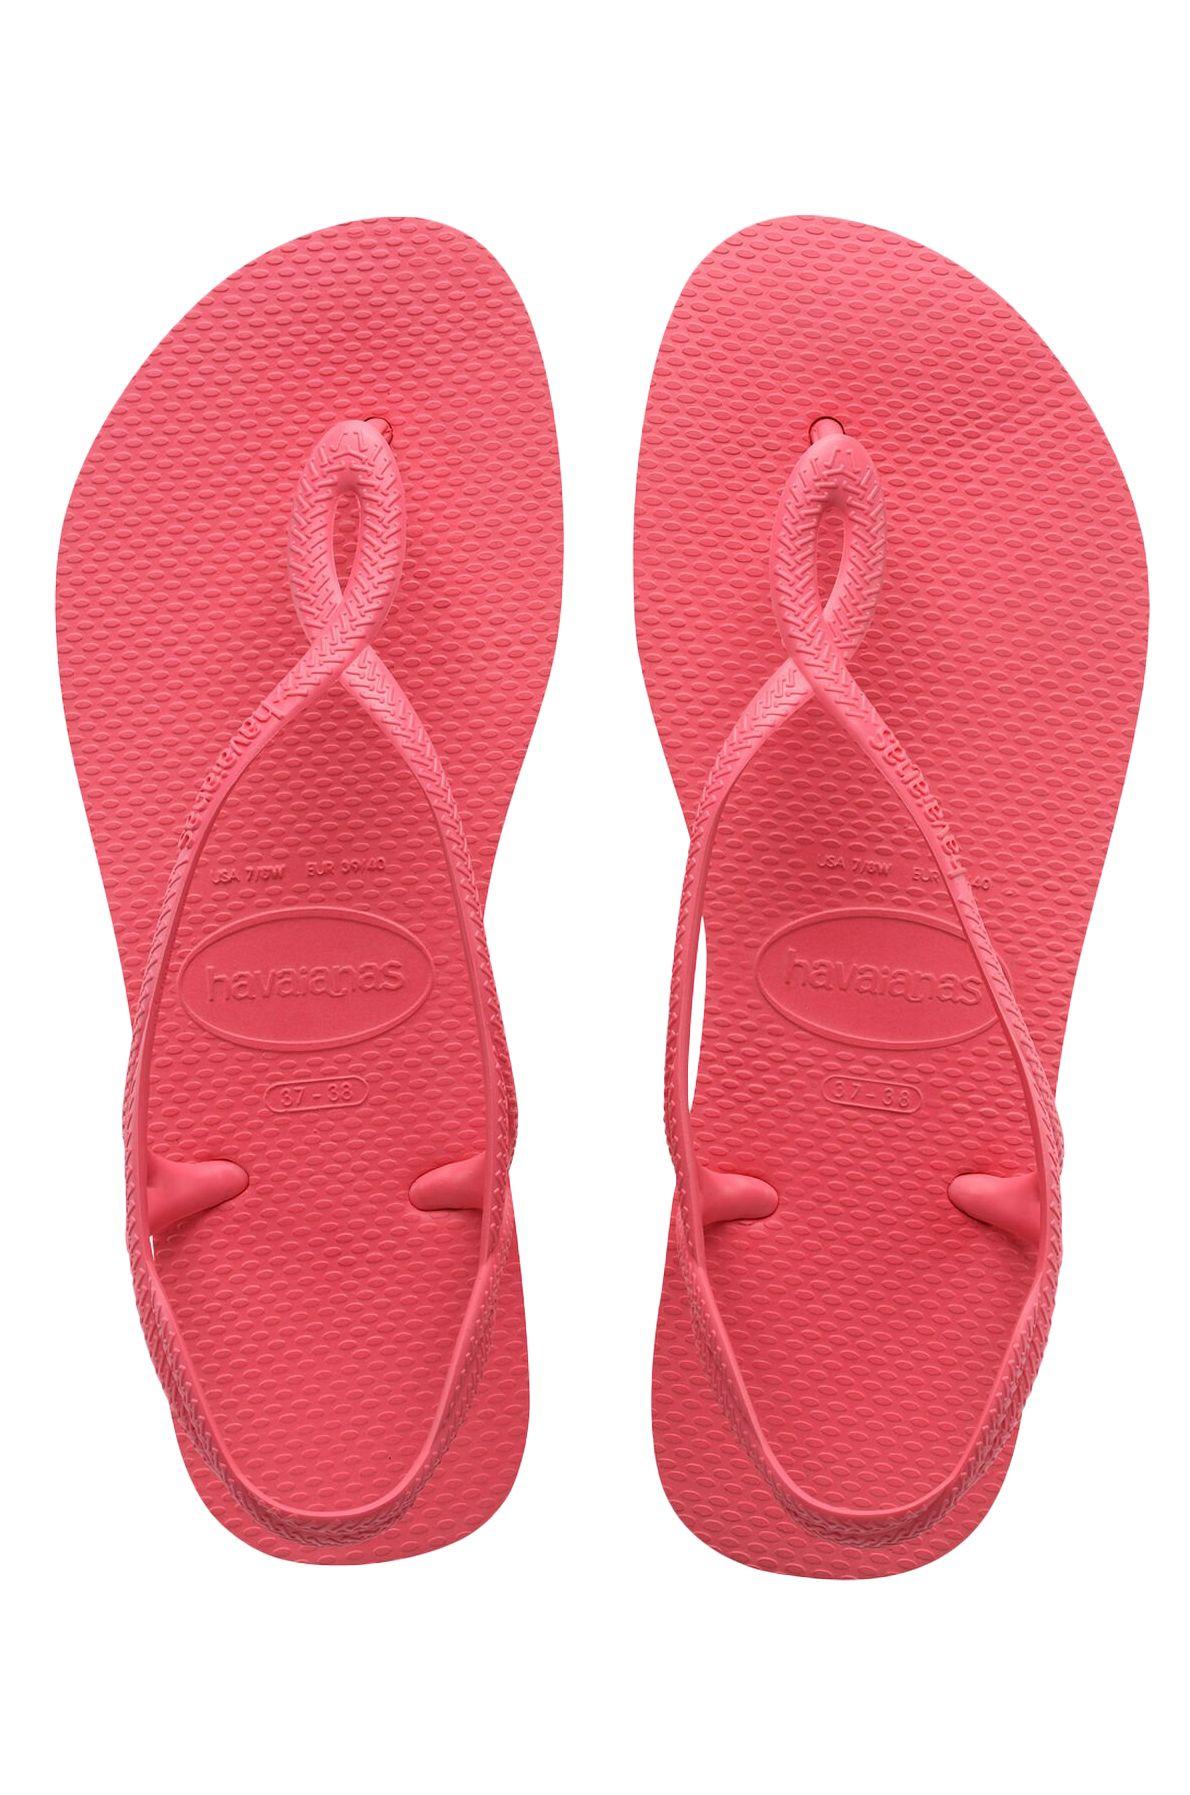 Havaianas Sandals LUNA Pink Porcelain